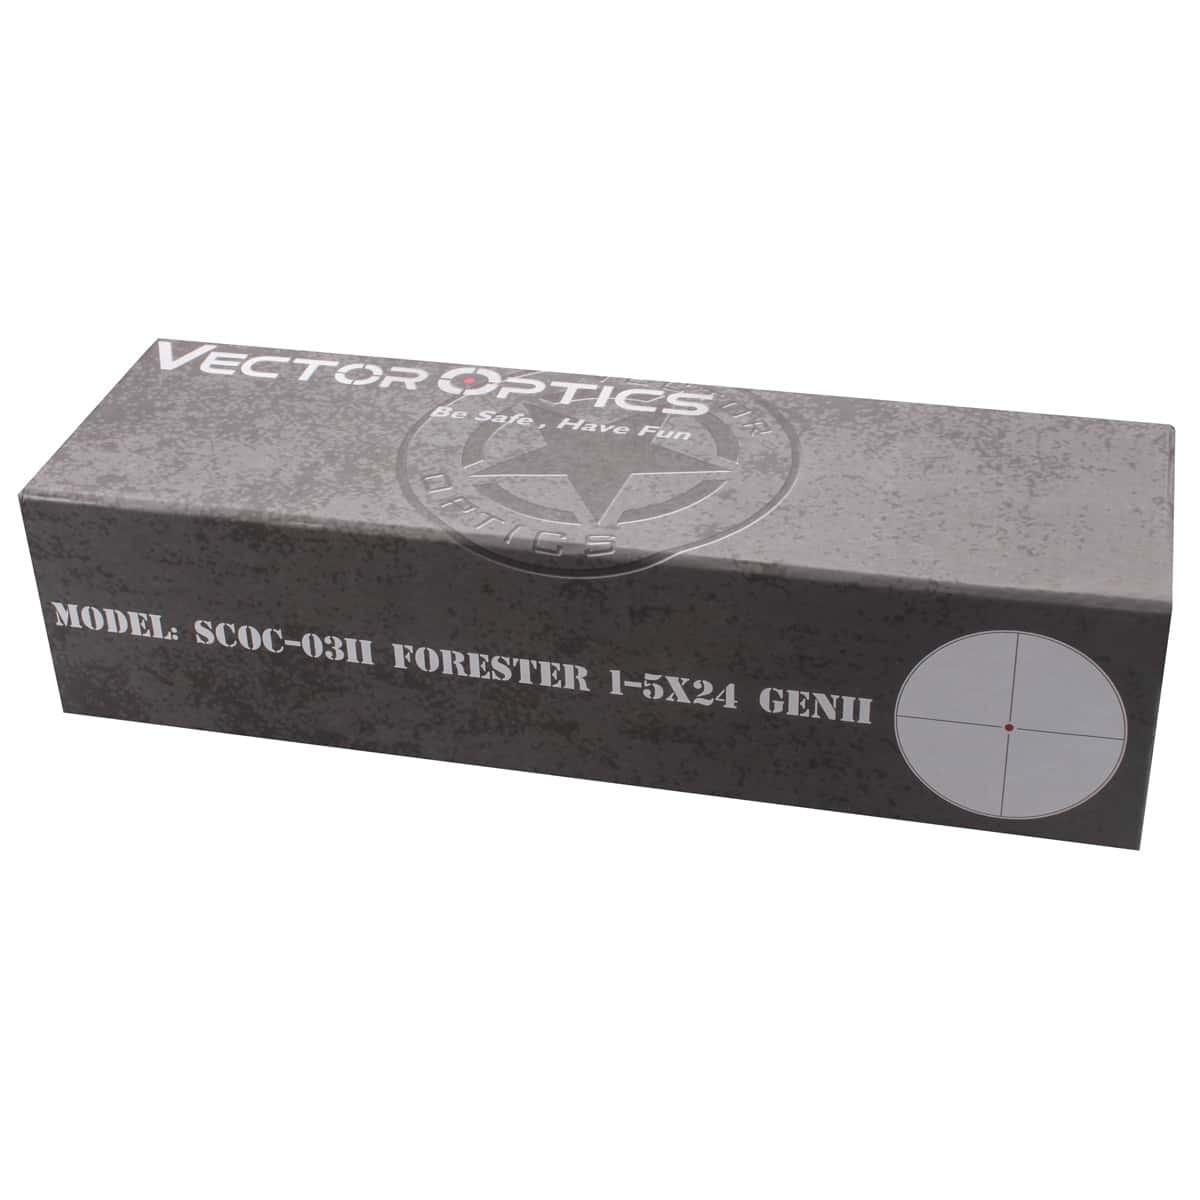 Forester 1-5x24 GENⅡ SCOC-03II